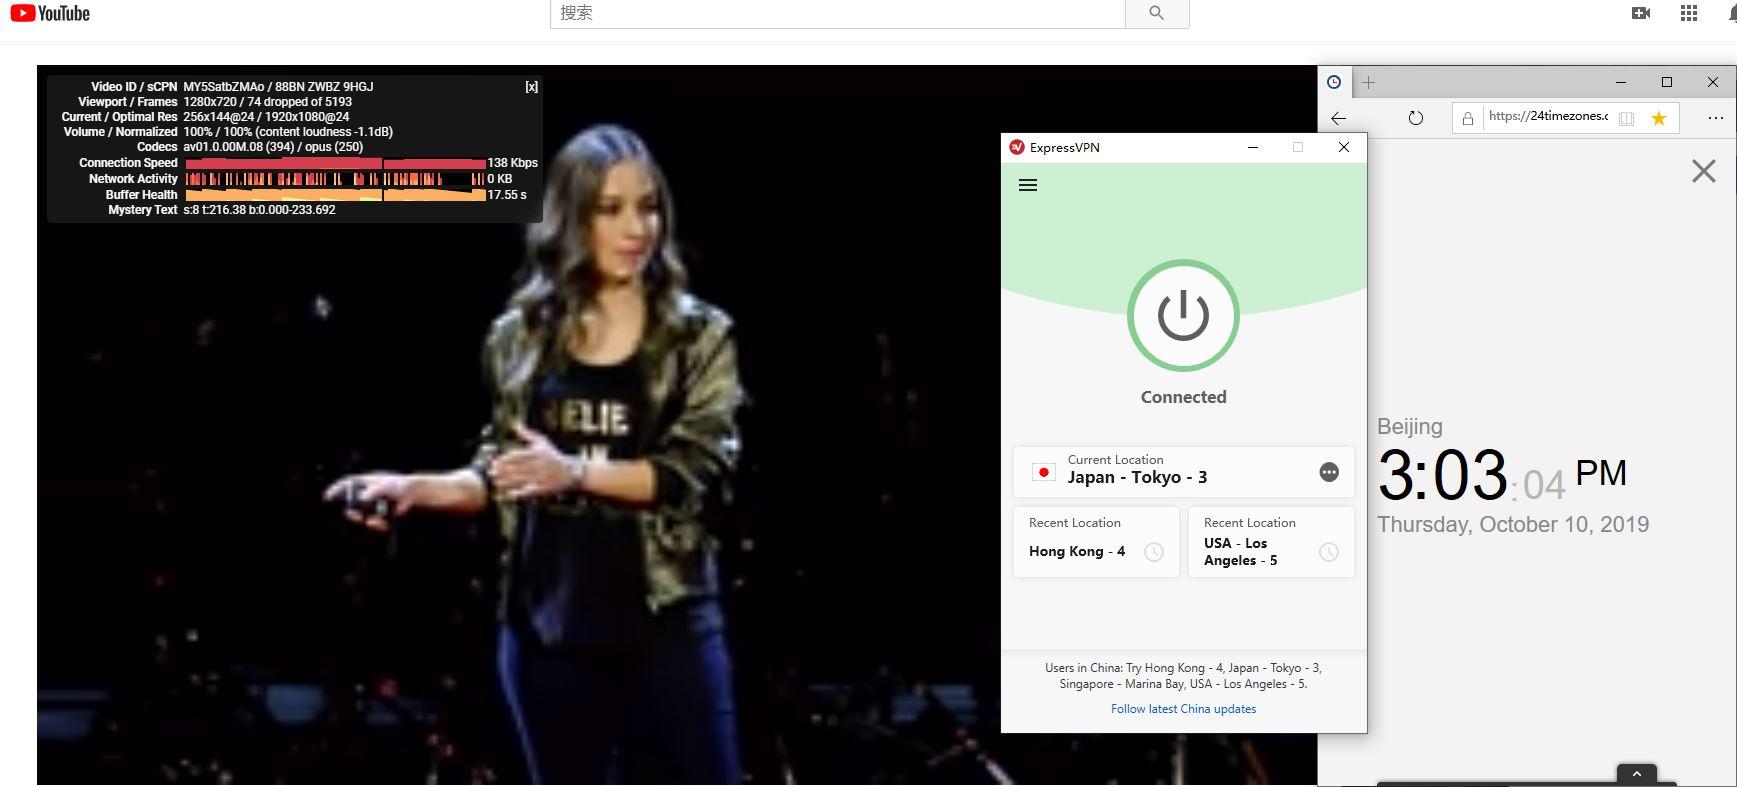 Windows ExpressVPN Japan -Tokyo - 3 中国VPN翻墙 科学上网 Youtube测速-20191010